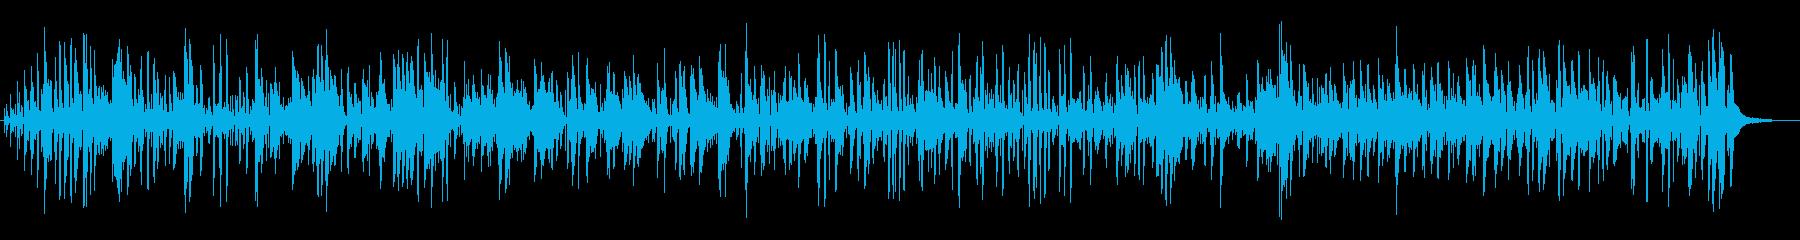 ボサノバジャズピアノしっとり軽やかお洒落の再生済みの波形